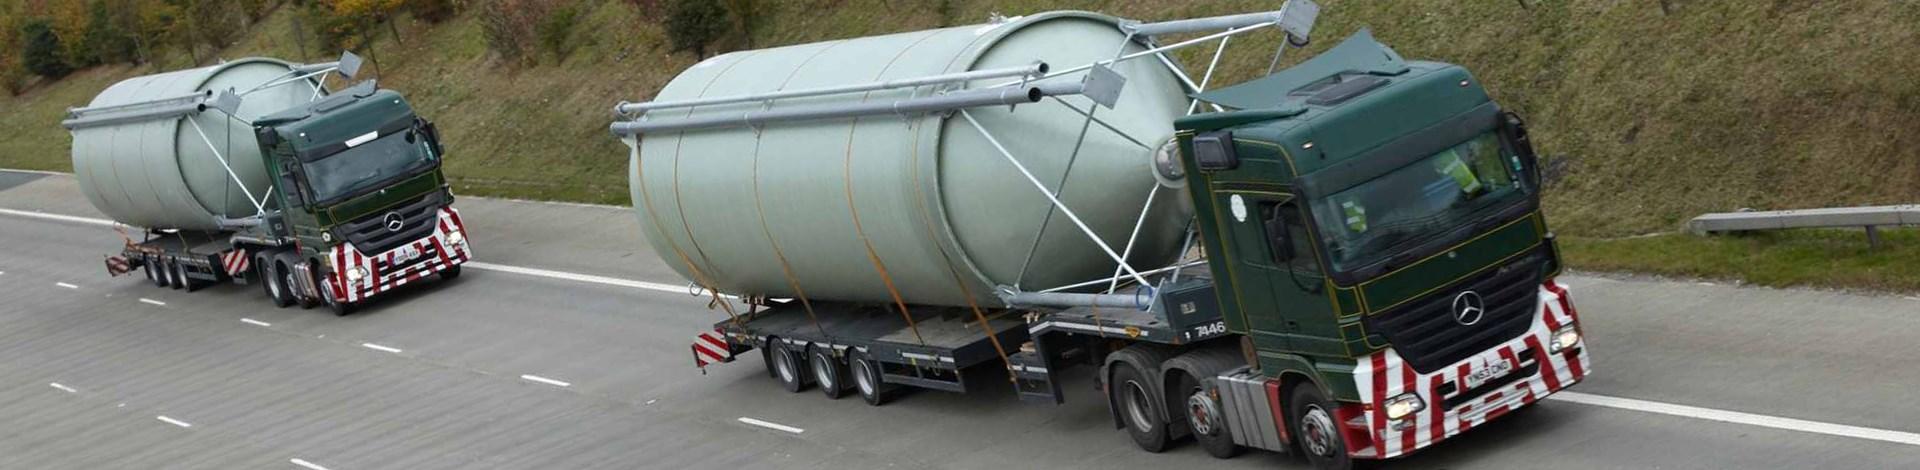 silo delivery